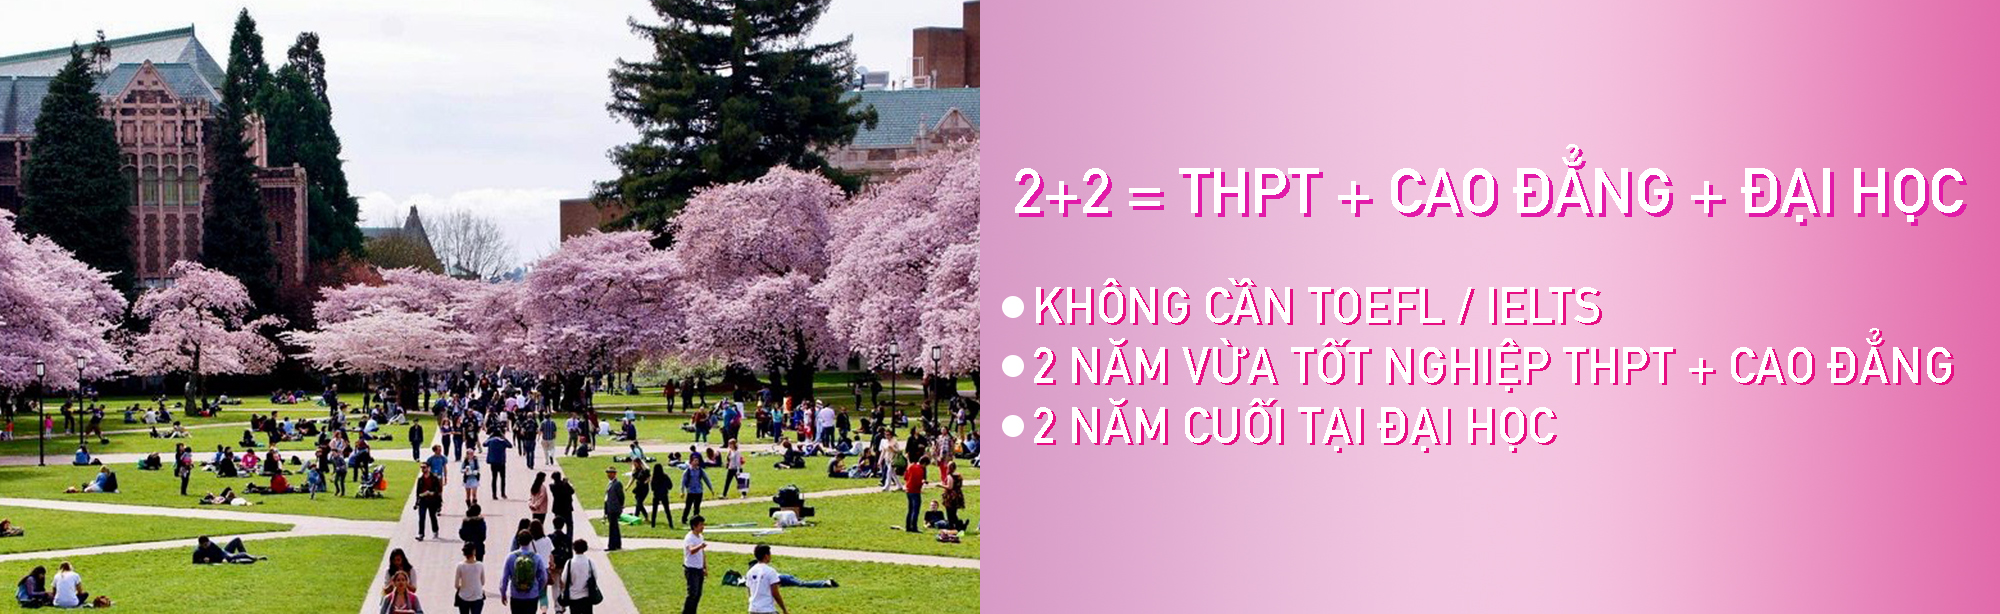 2+2 = THPT + CAO ĐẲNG + ĐẠI HỌC